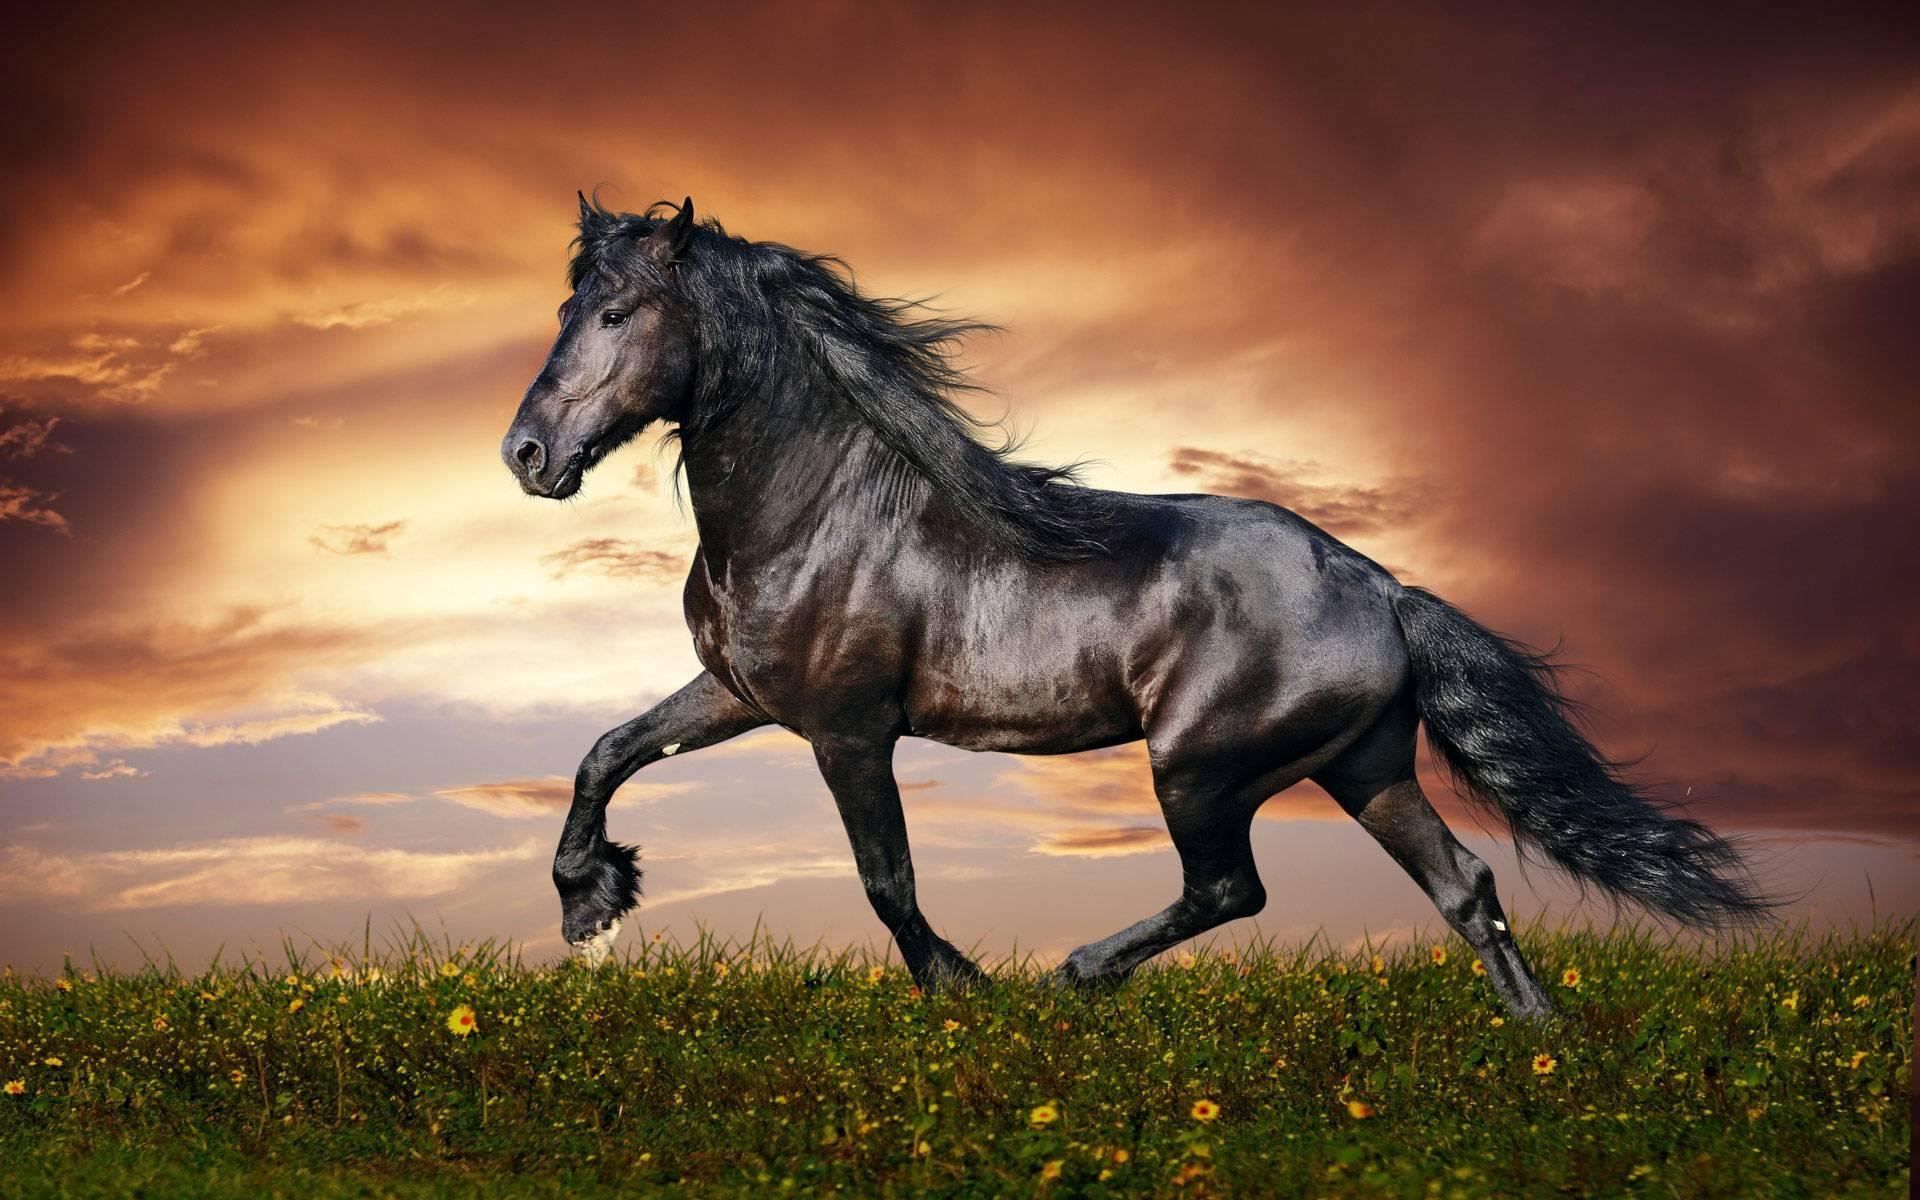 Гнедая масть лошади: описание и фото